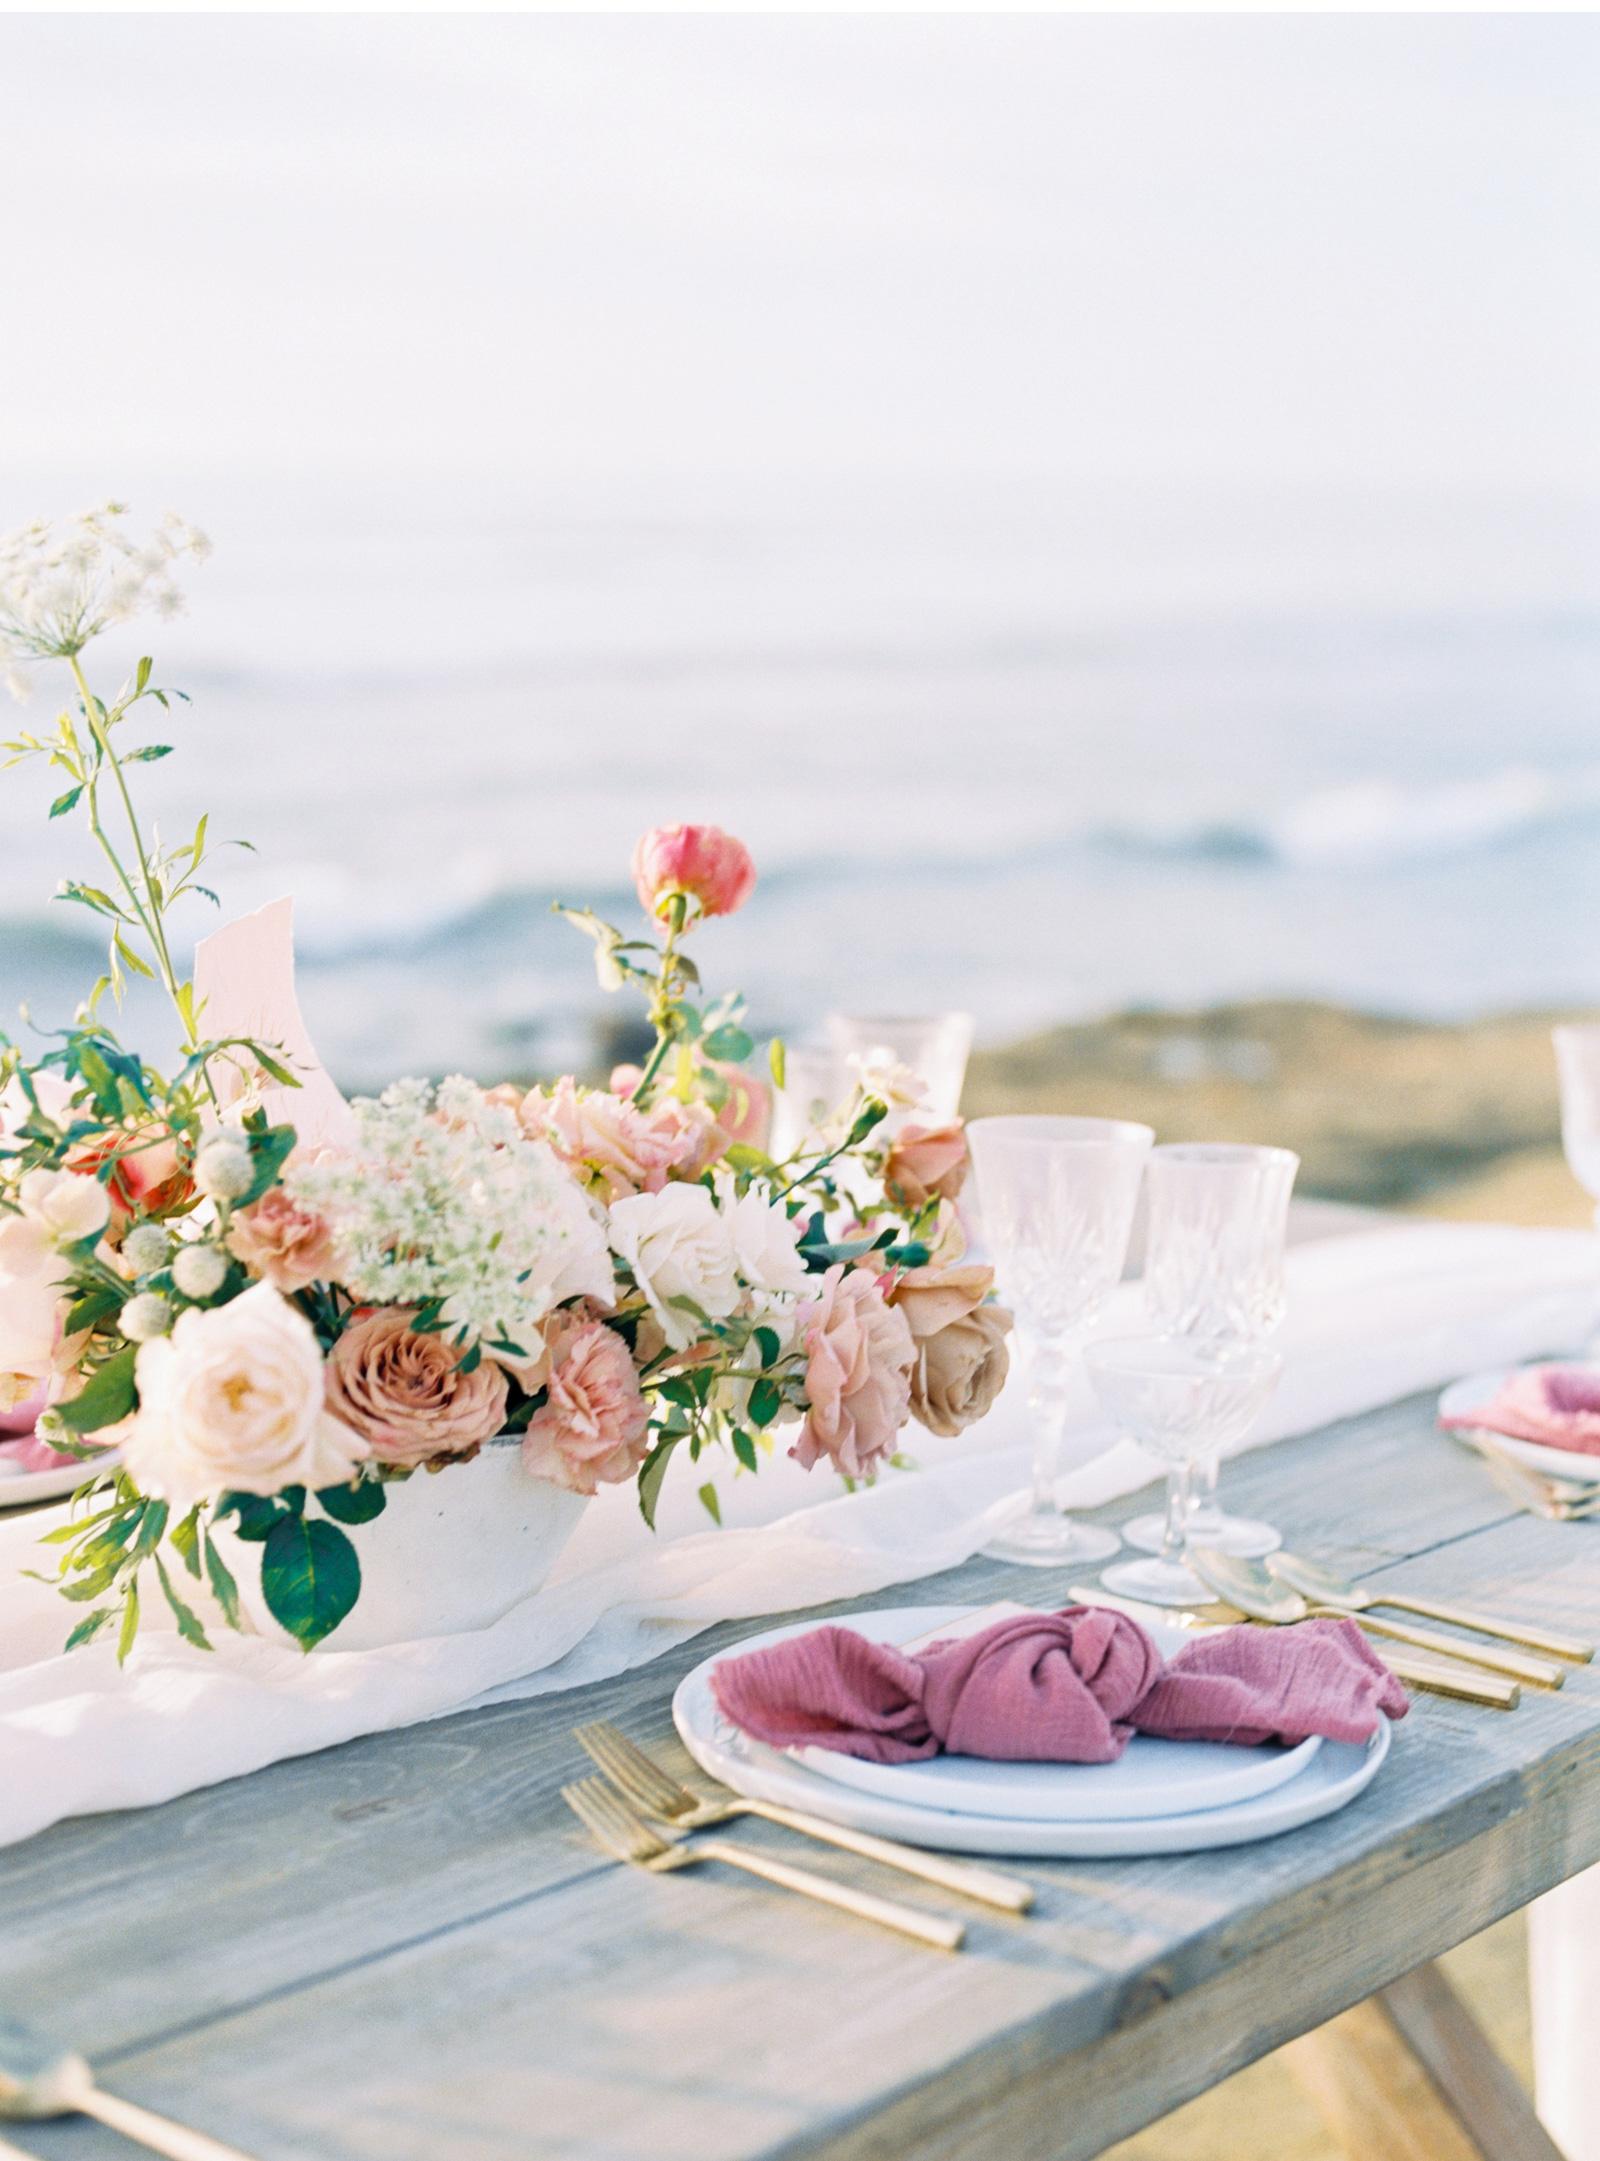 Fine-Art-Southern-California-Wedding-Photographer-Natalie-Schutt-Photography_12.jpg